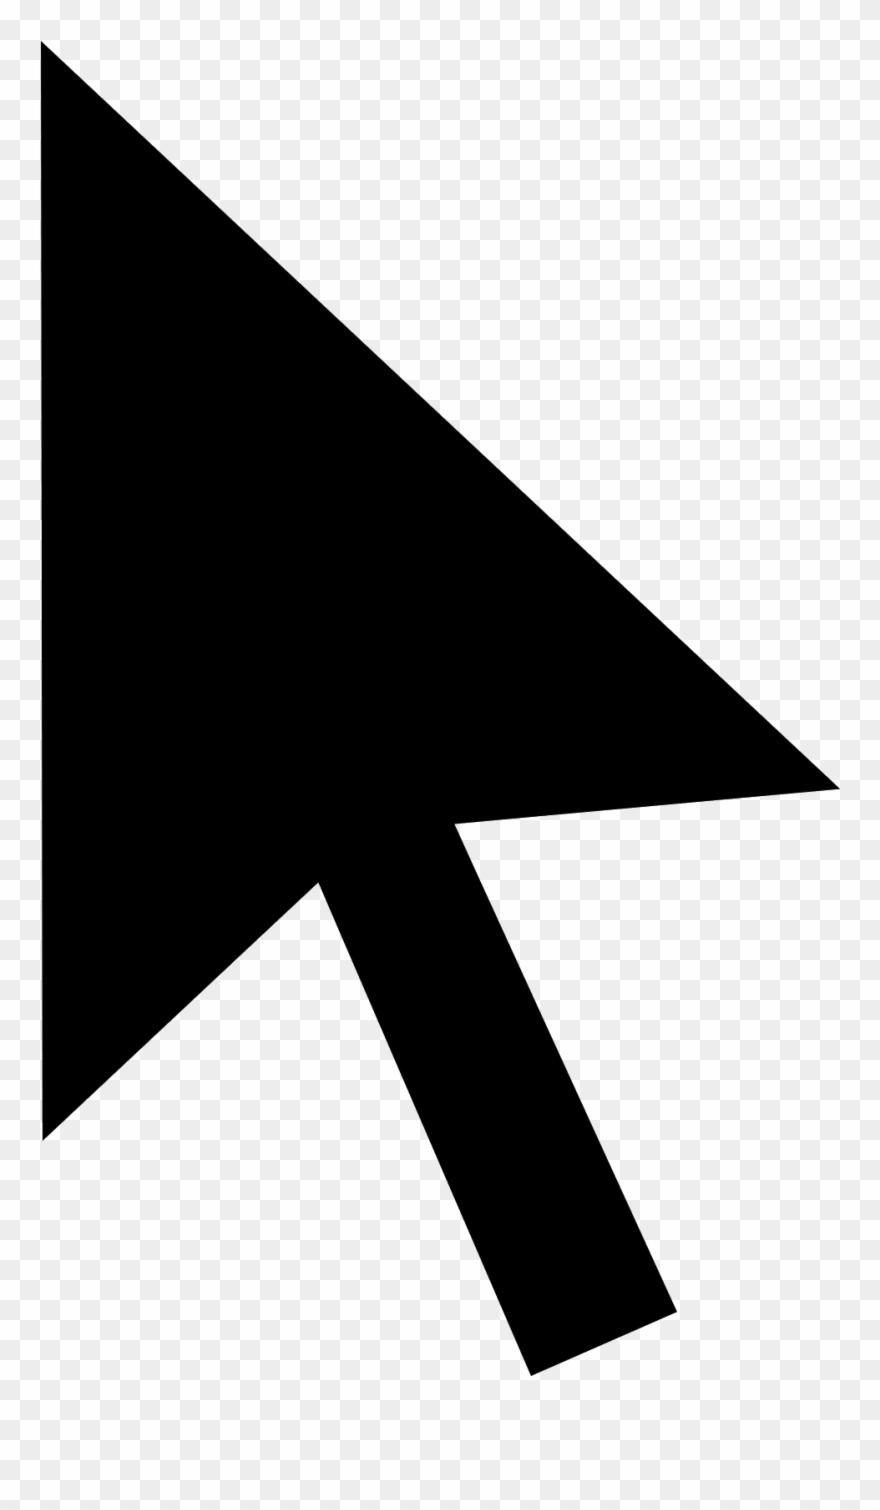 Arrow Cursor Png.